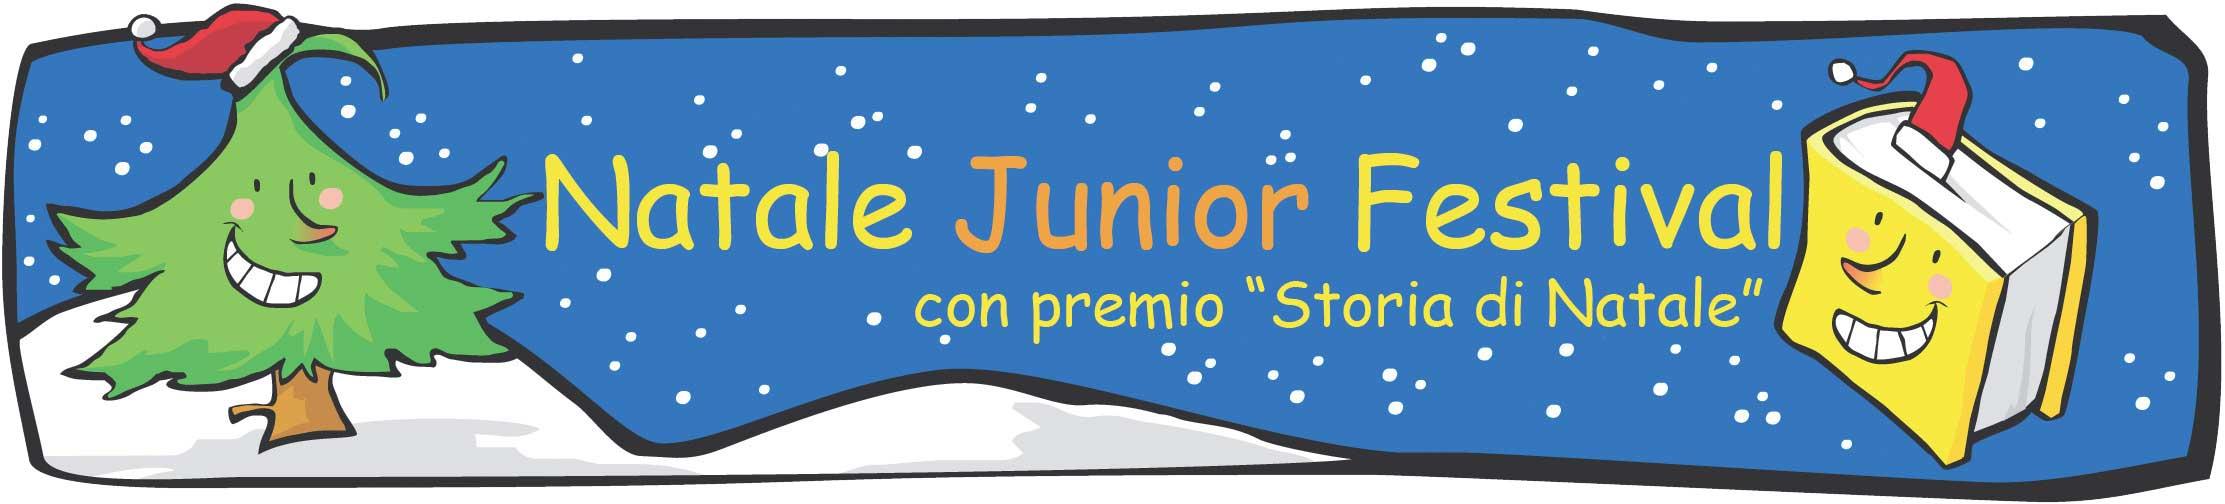 logo Natale Junior Festival